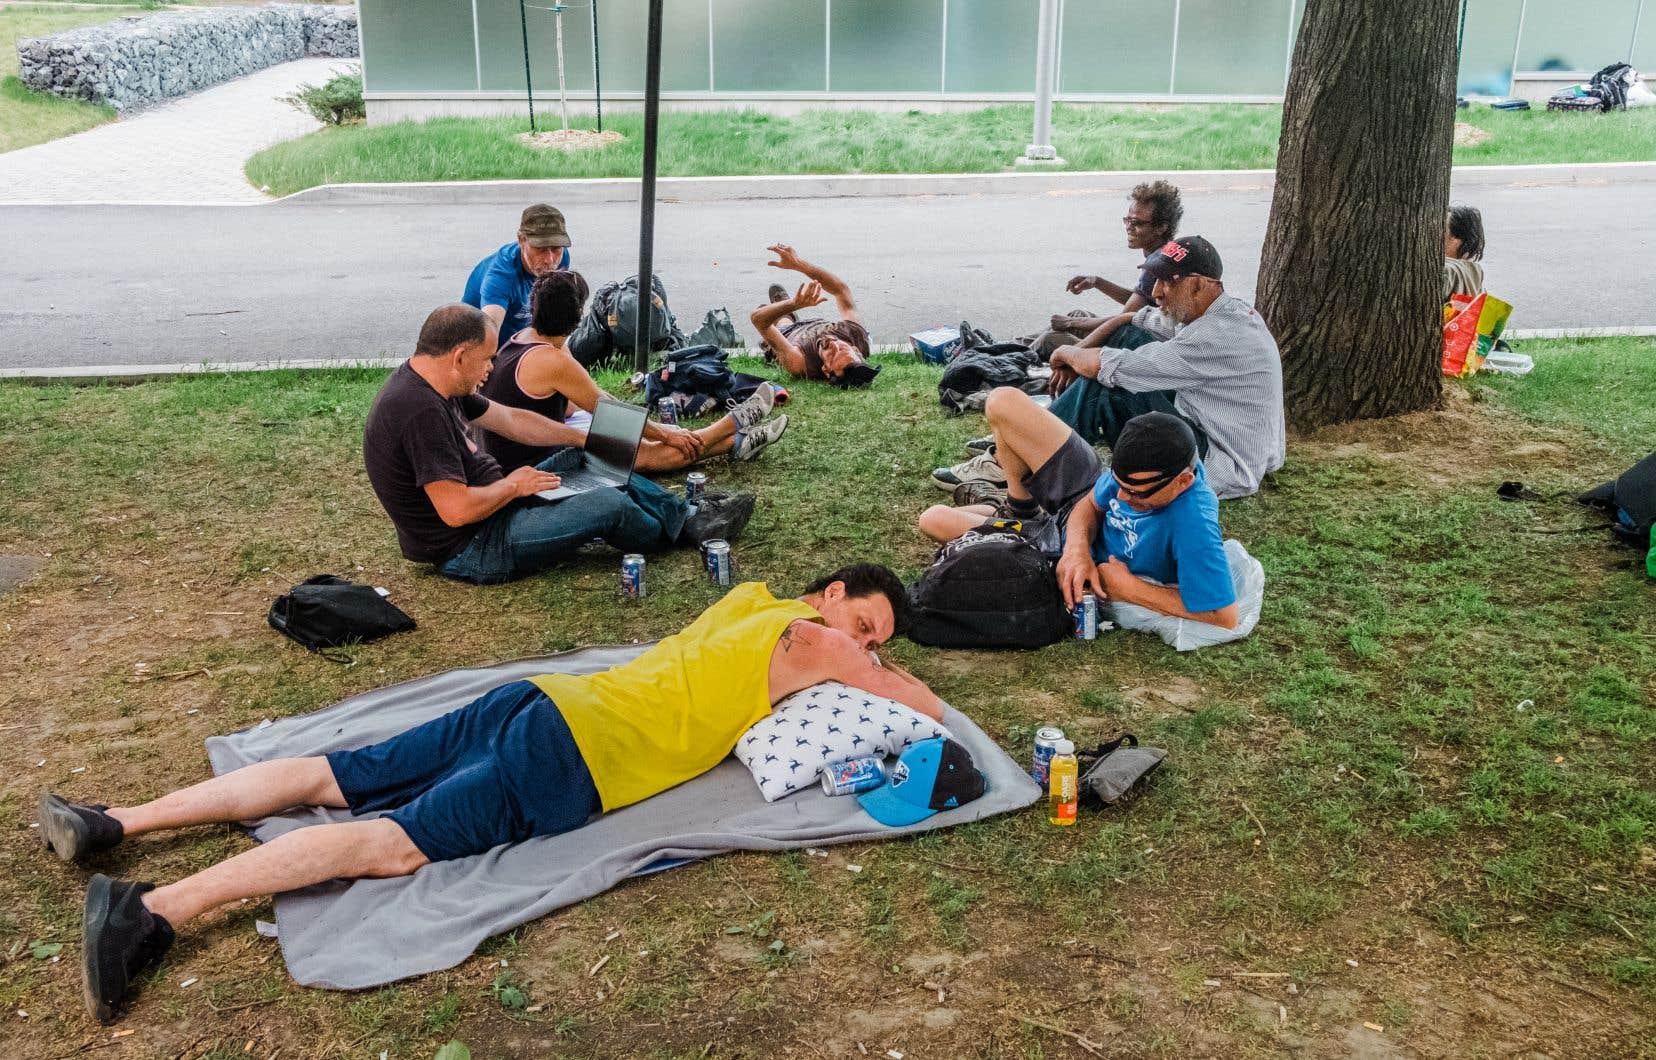 Le square Cabot est un lieu bien connu des itinérants de Montréal. Tous les jours, environ 200 personnes s'y retrouvent pour recevoir gratuitement des repas, des vêtements, des cigarettes et une multitude d'autres services psychosociaux.